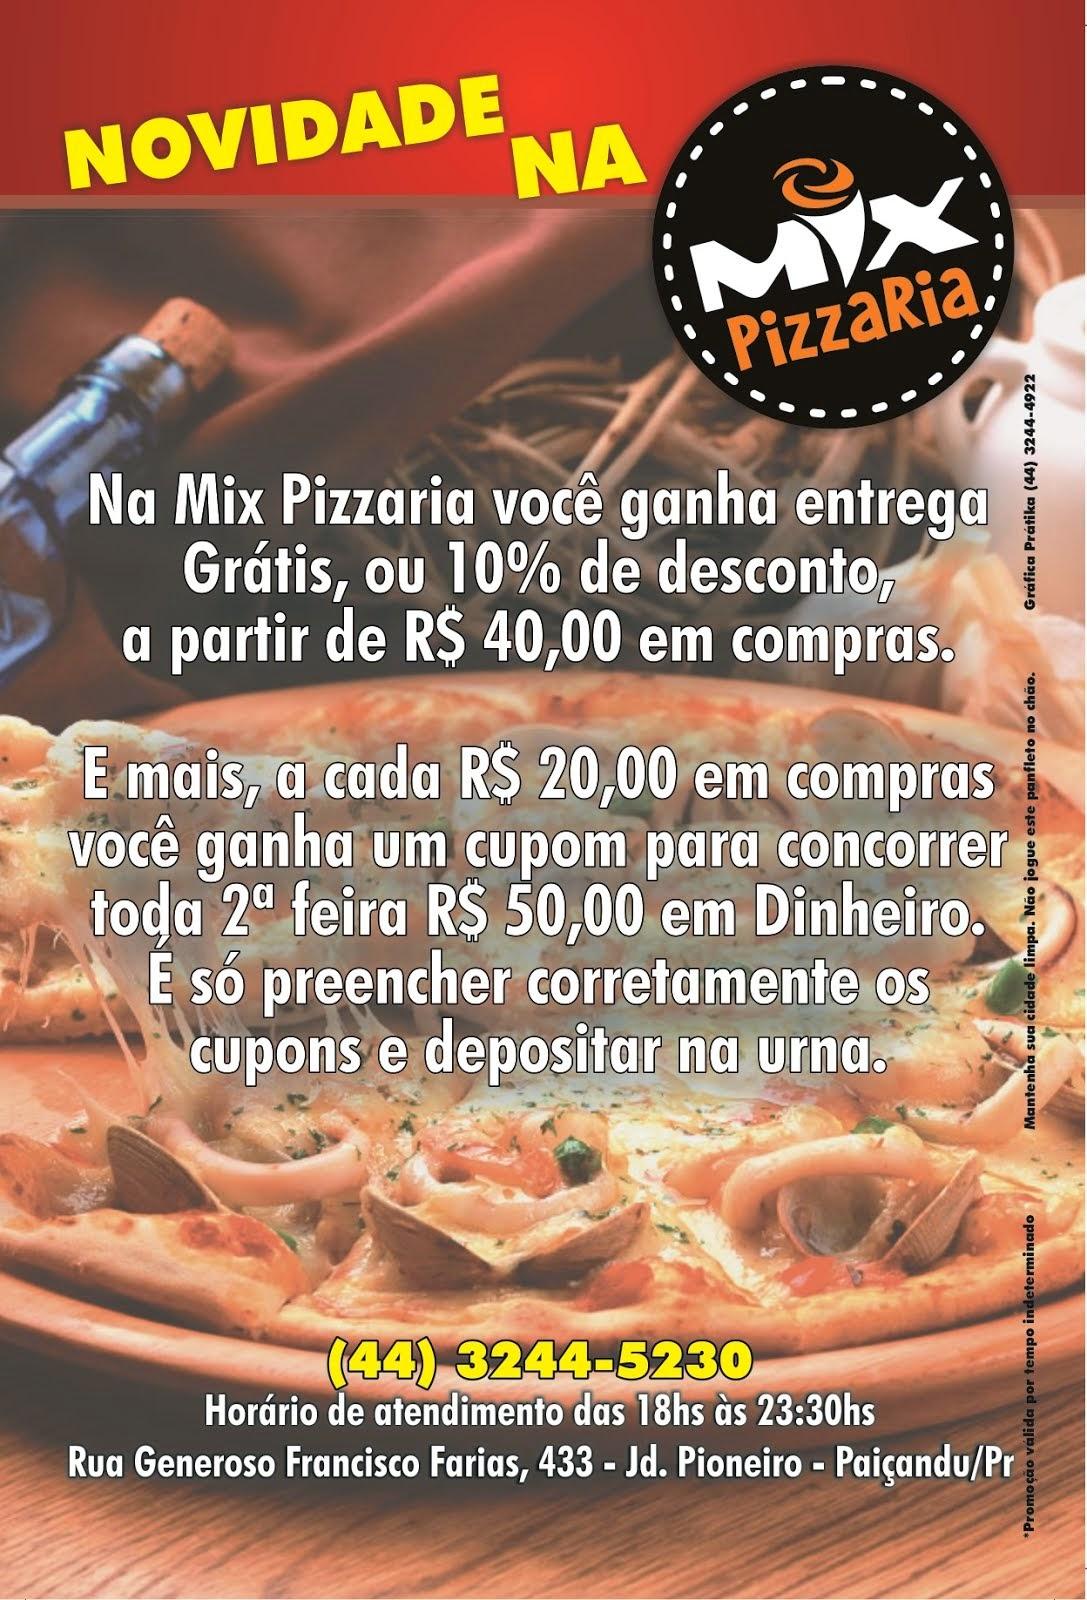 Super Promoção da Mix Pizzaria agora em novo endereço